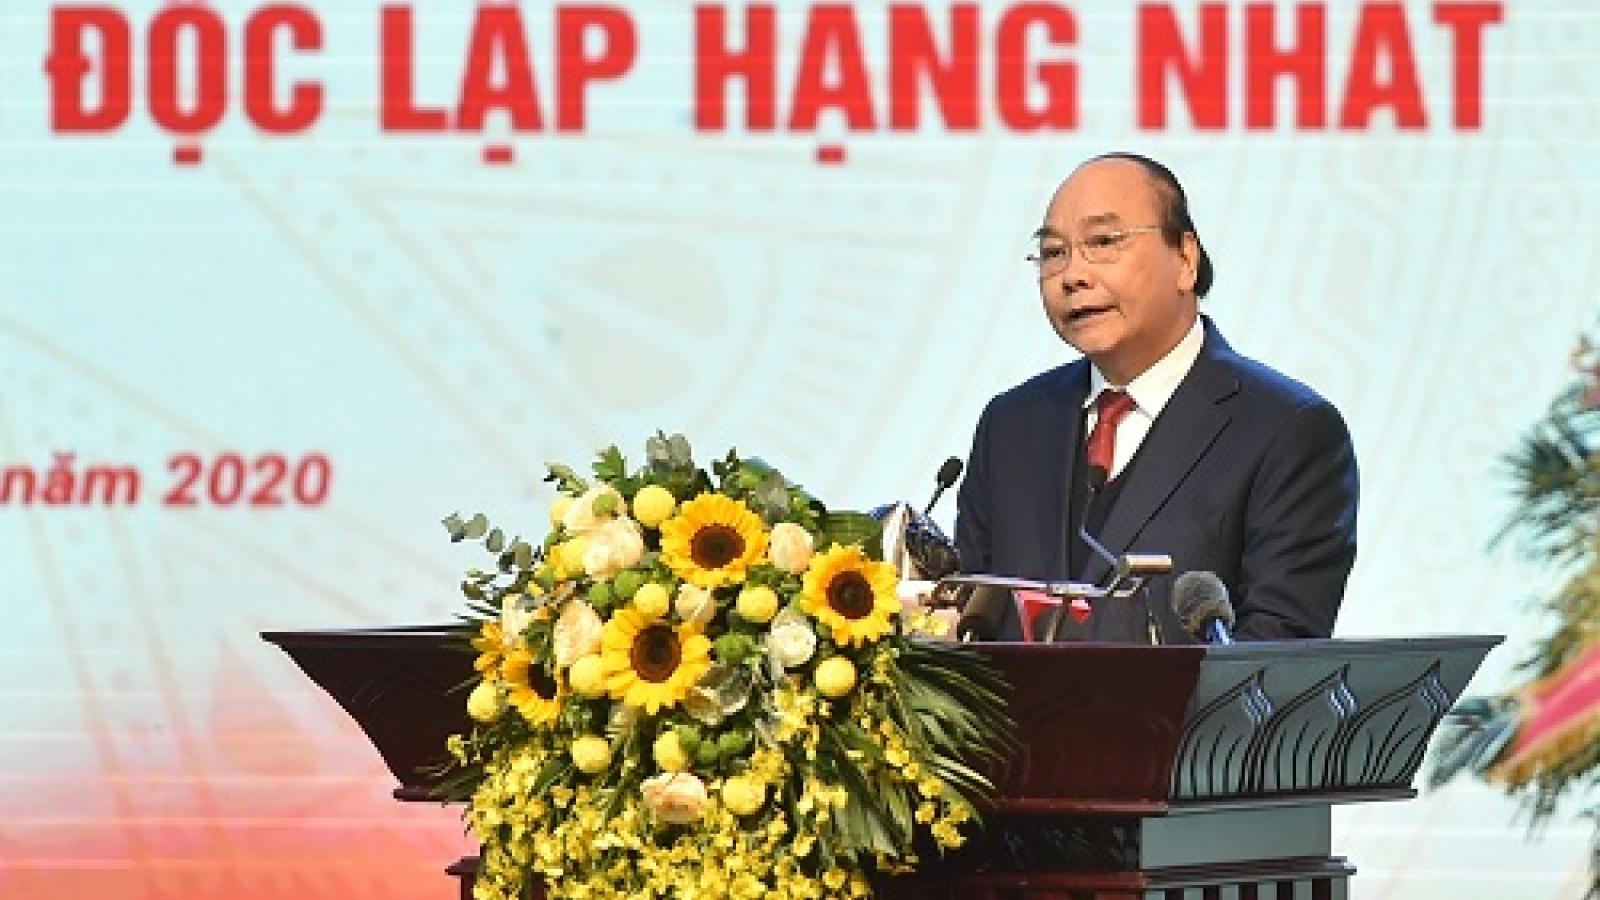 Thủ tướng: Bộ Kế hoạch & Đầu tư phải có tầm nhìn xa hơn các bộ, ngành khác